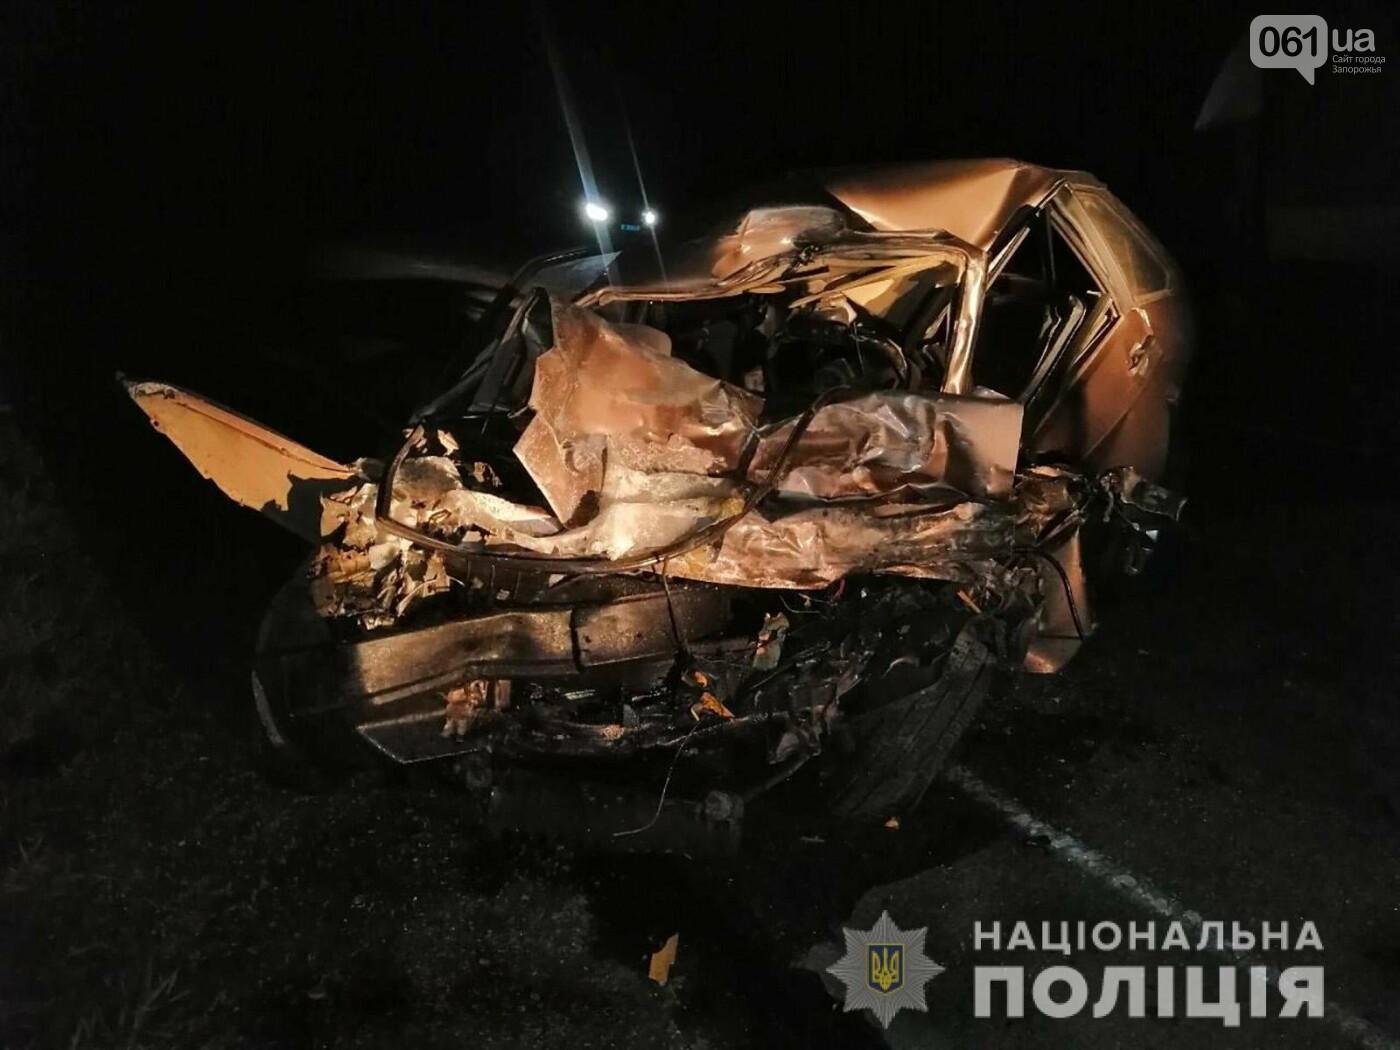 На трассе в Запорожской области в результате ДТП смяло авто - один человек погиб, - ФОТО, фото-3